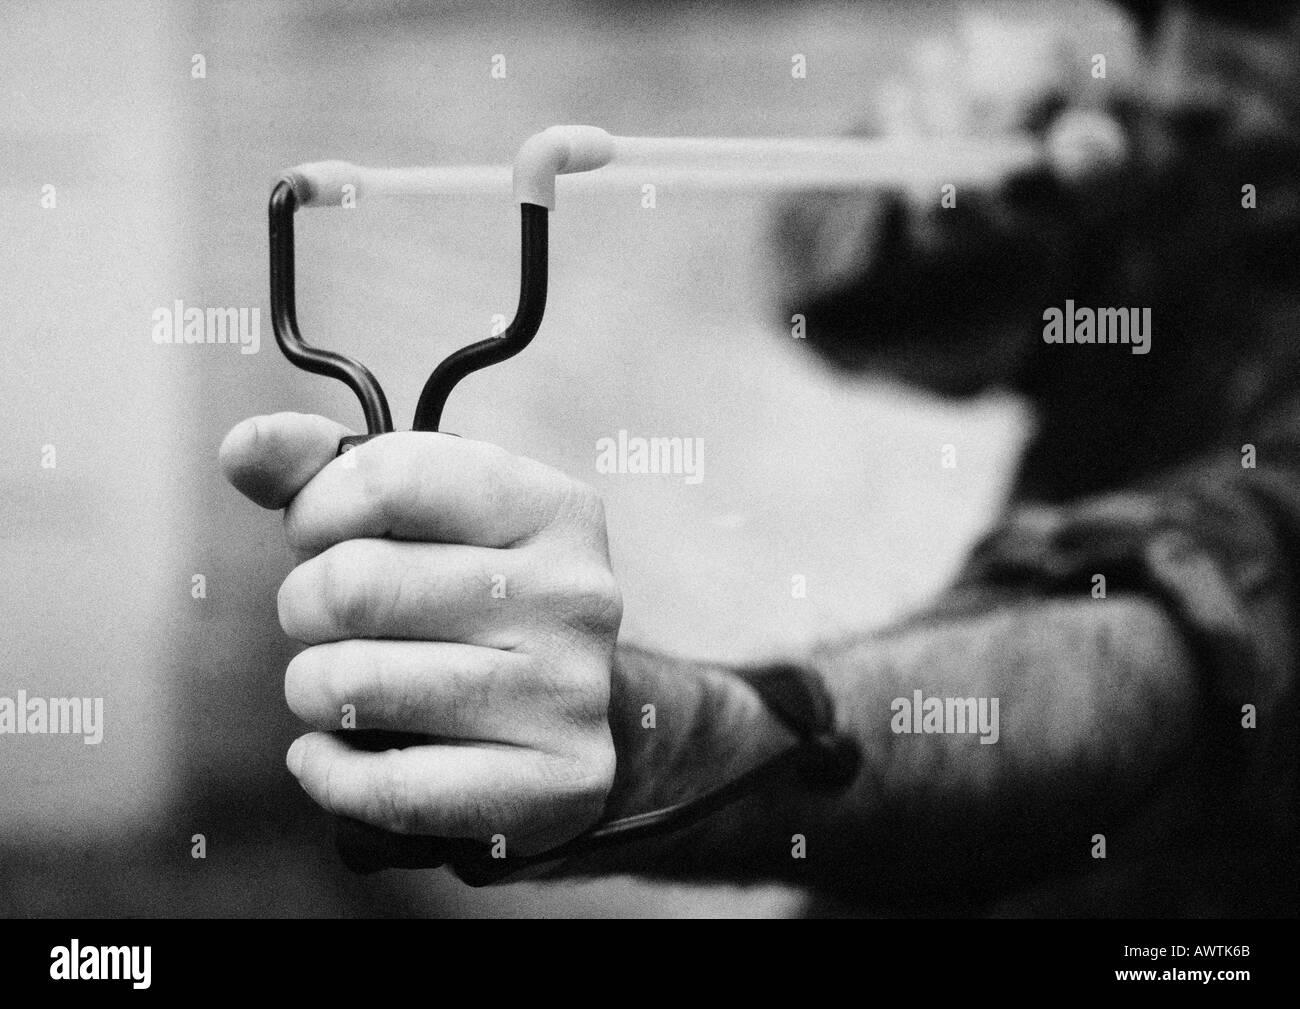 Hände halten Sling shot, Nahaufnahme, b&w Stockbild